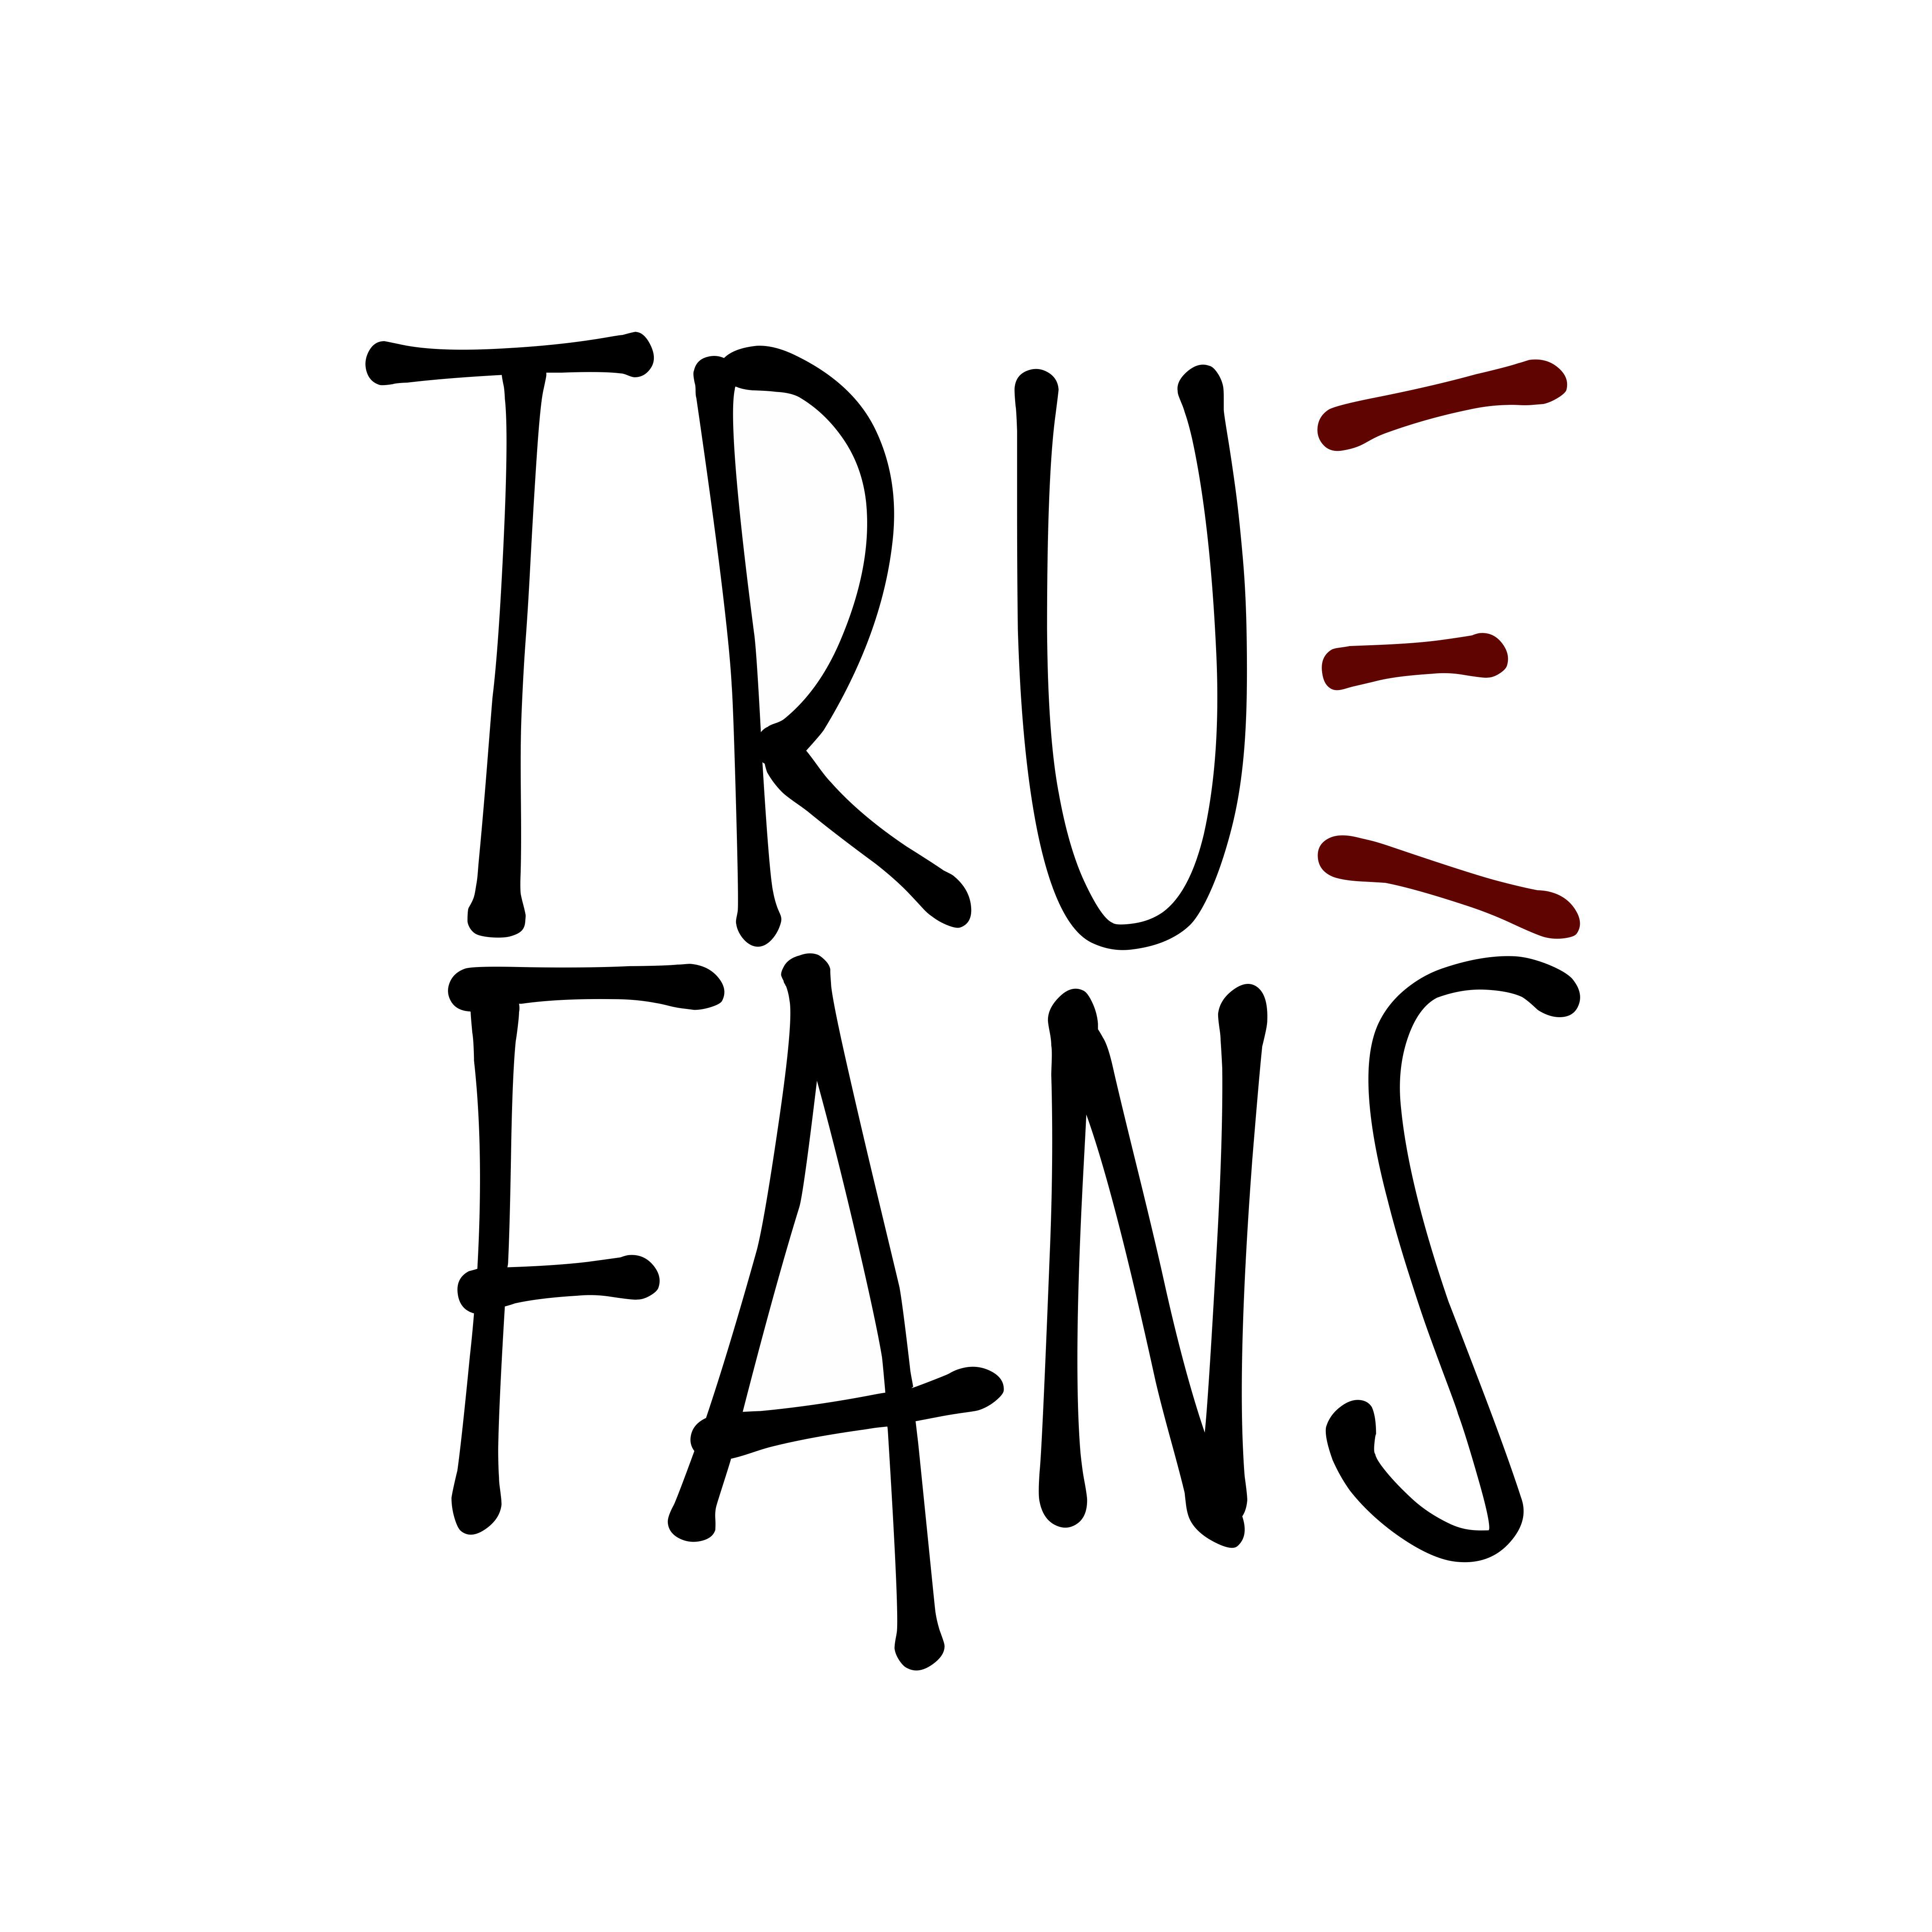 _logo_true fans _logo.jpg